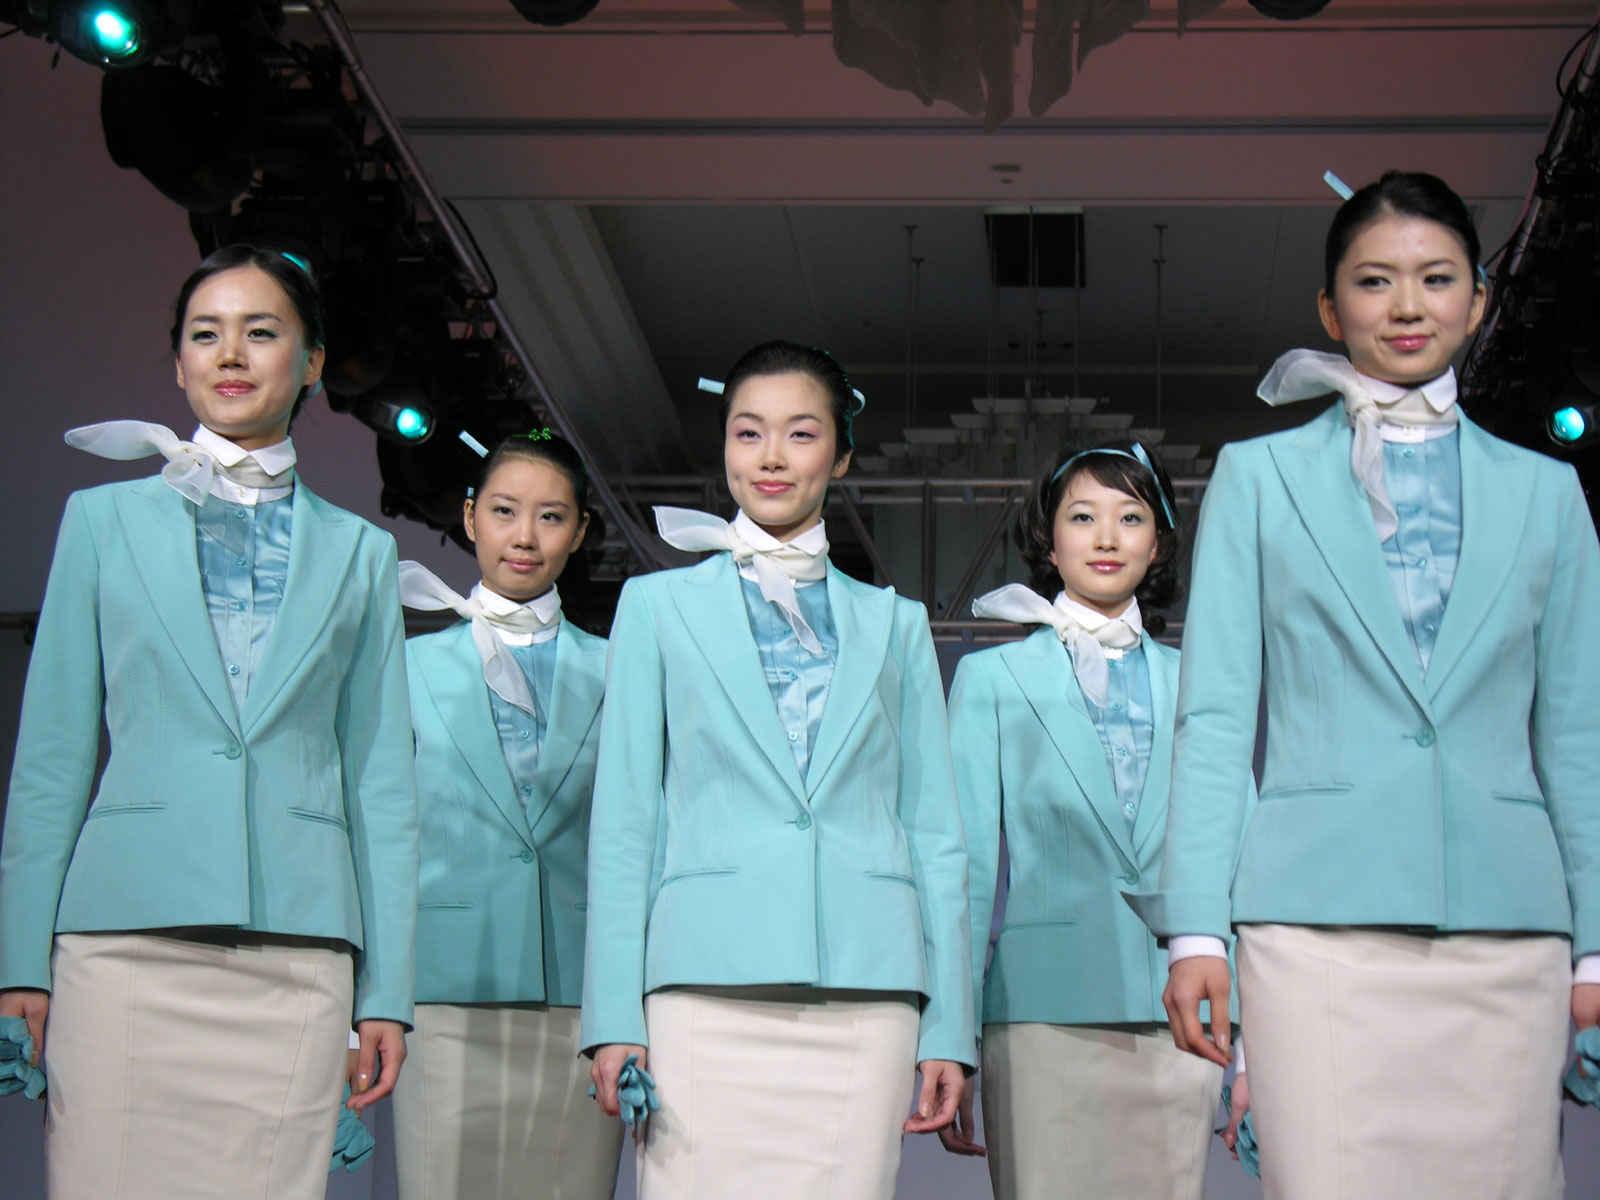 hôtesse_de_lair_uniformes (4)